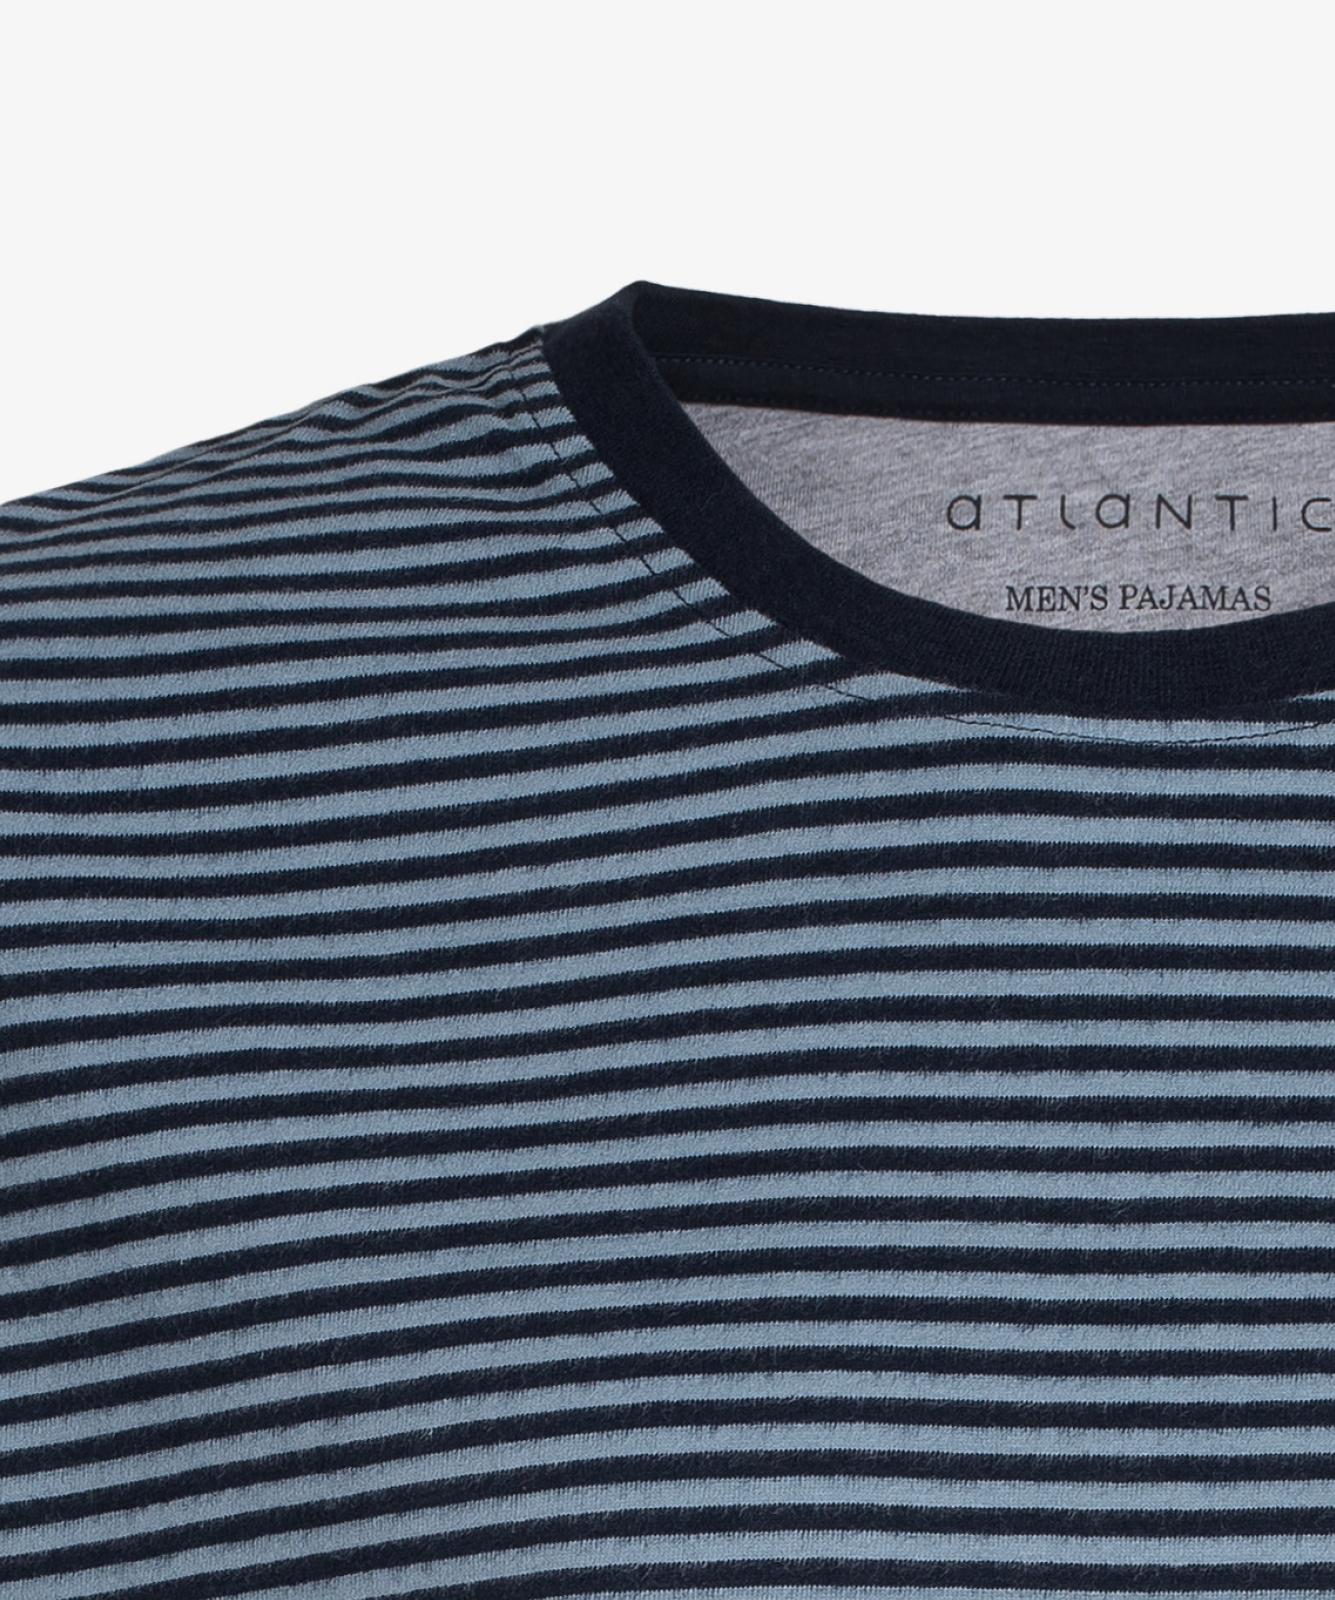 Мужская пижама Atlantic, 1 шт. в уп., хлопок, серая, NMP-342